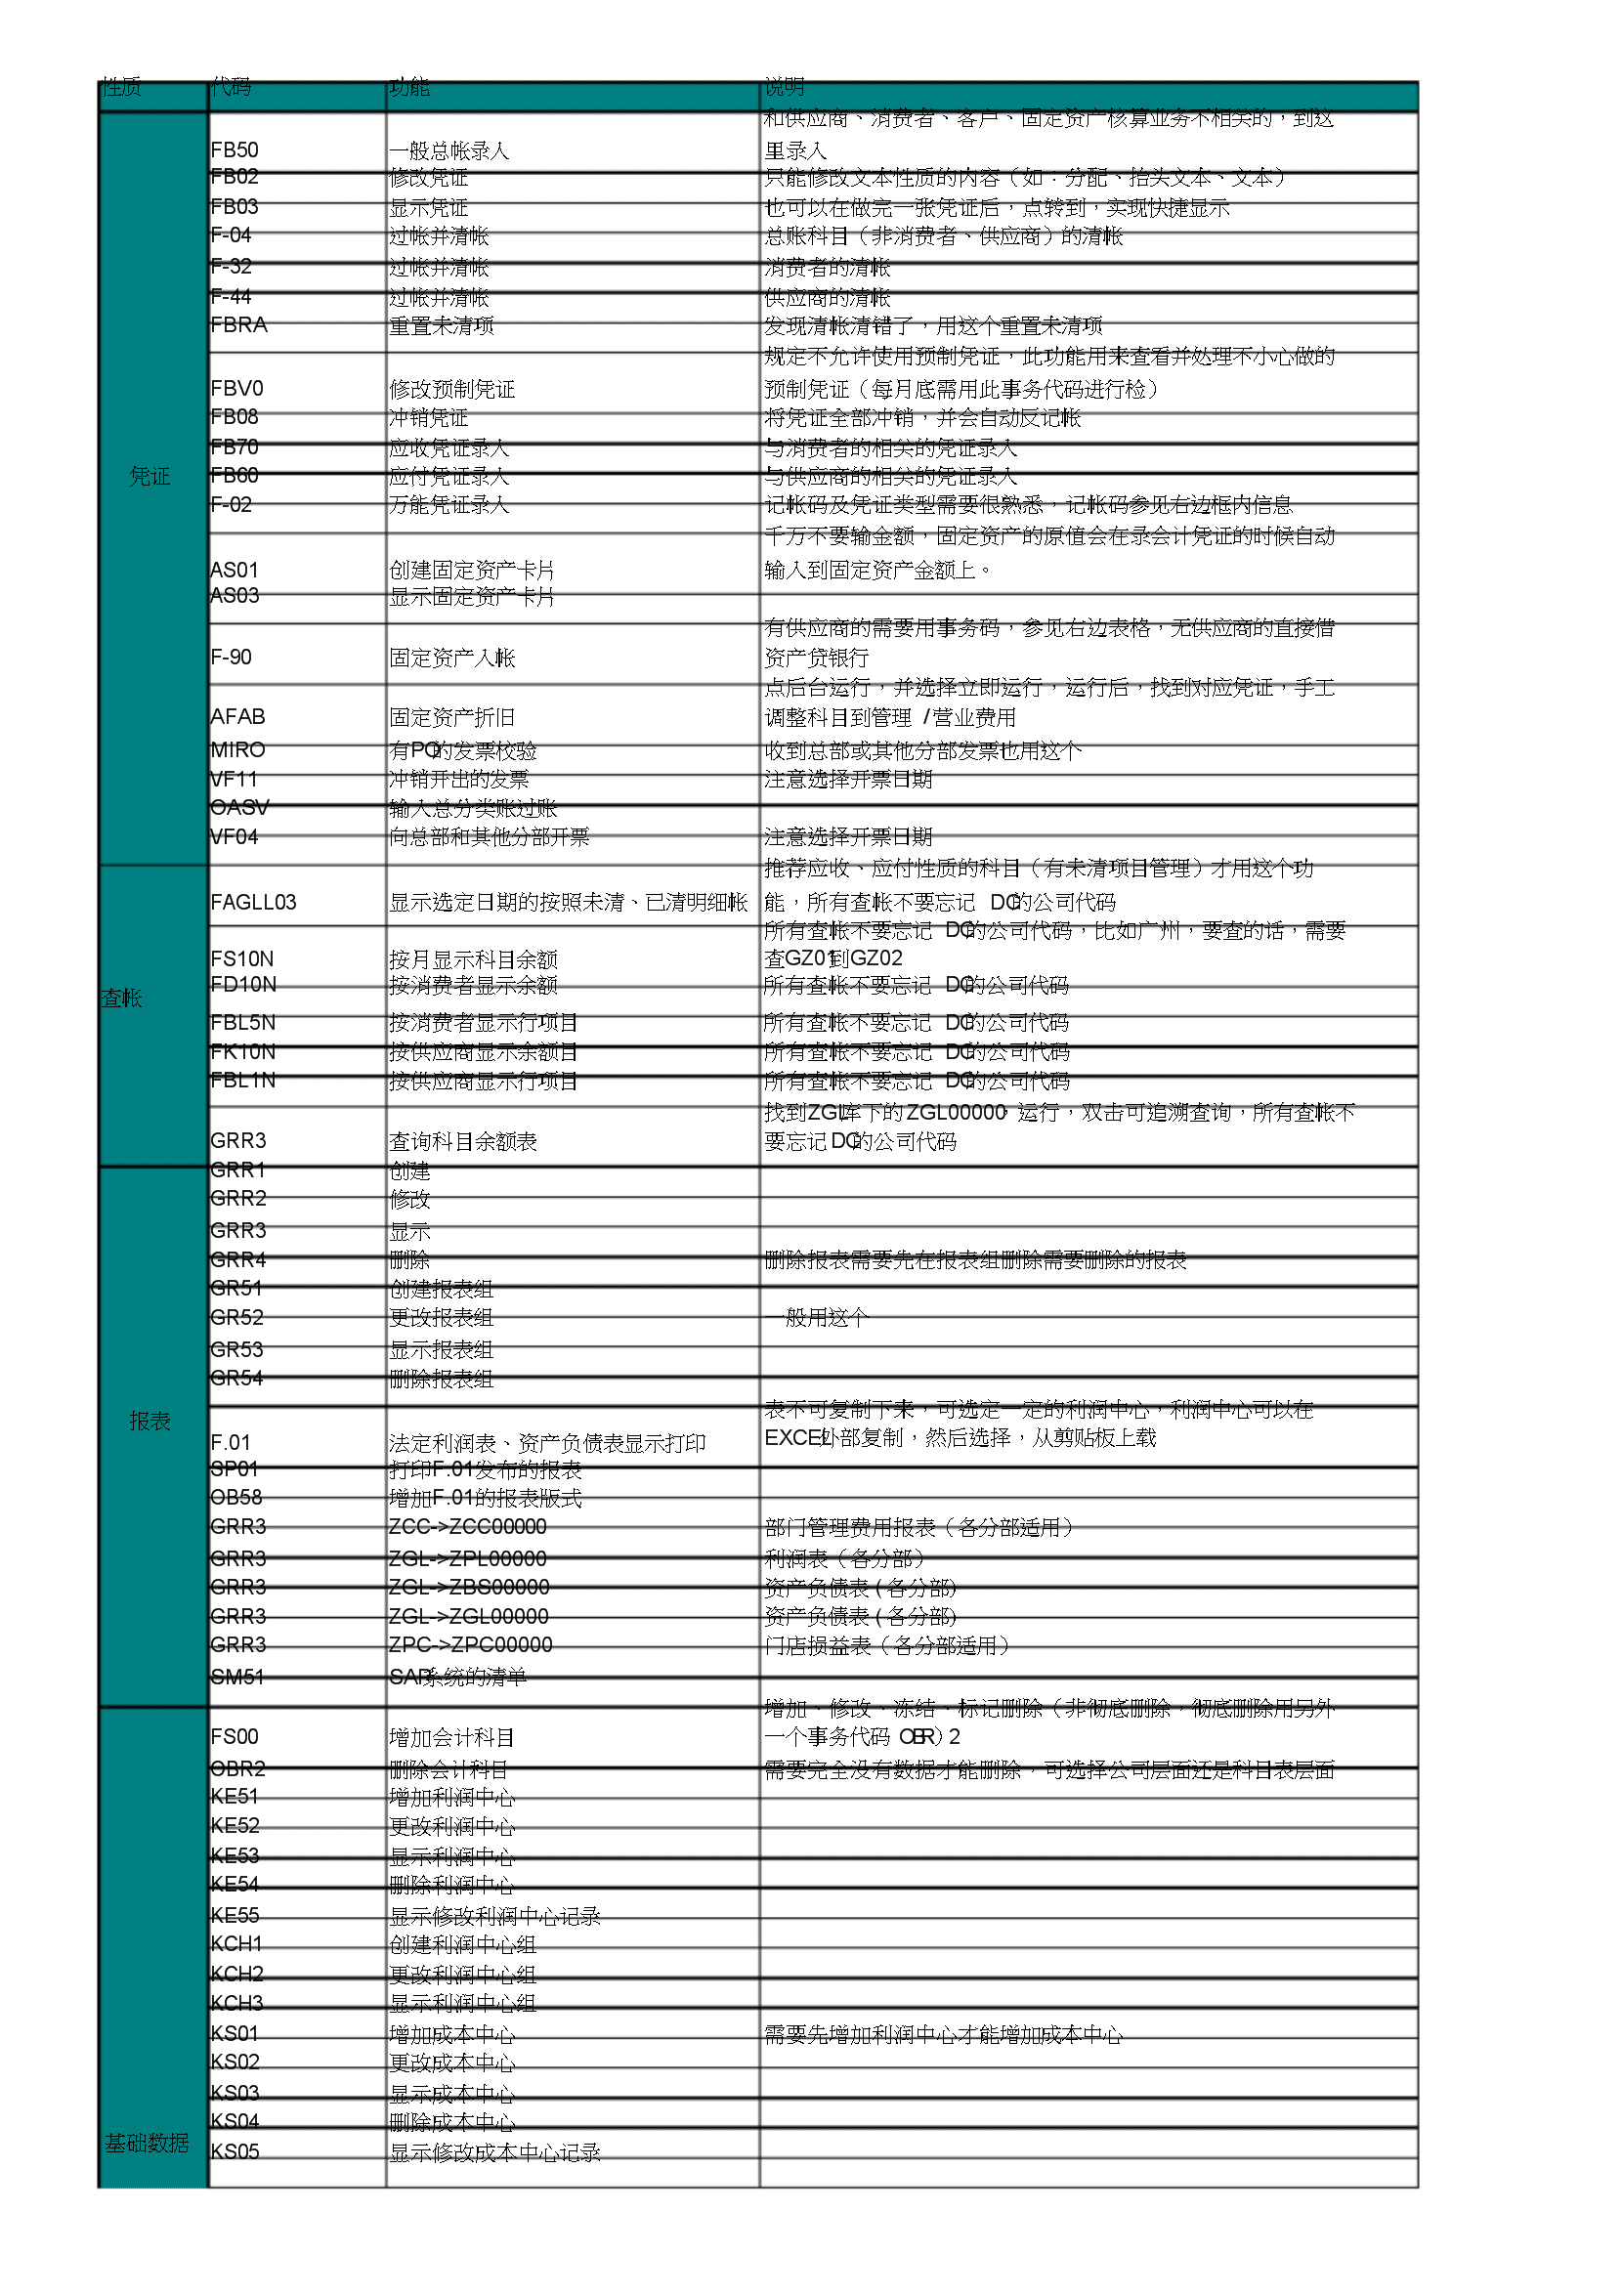 2020版SAP财务常用事务码归纳.docx